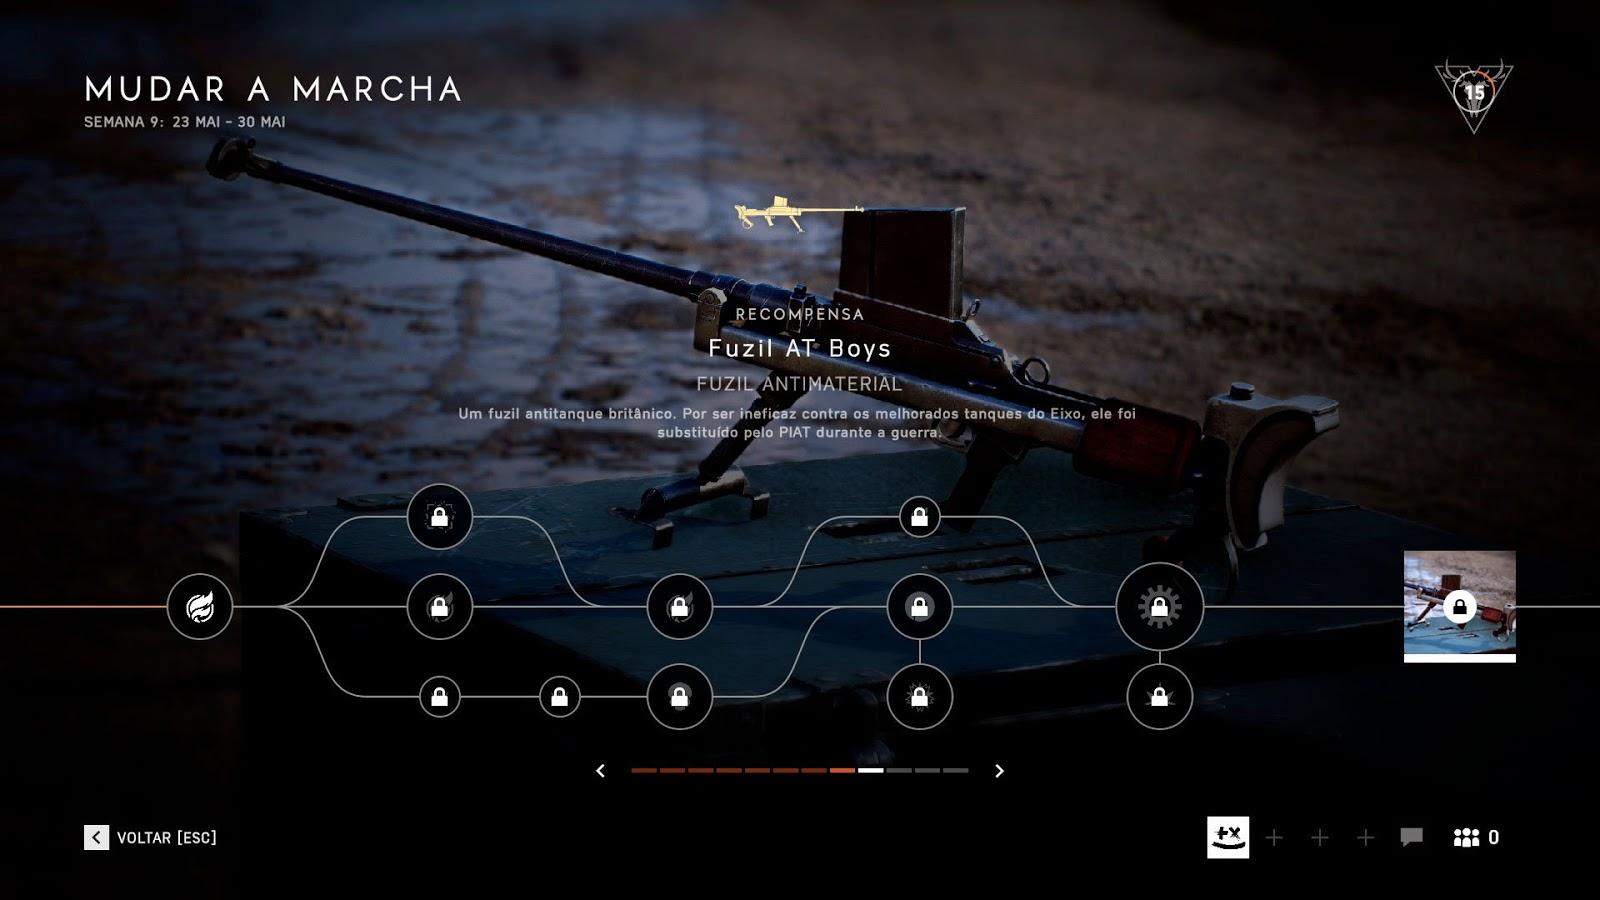 Battlefield V: Complete os desafios da semana para desbloquear um novo rifle antitanque